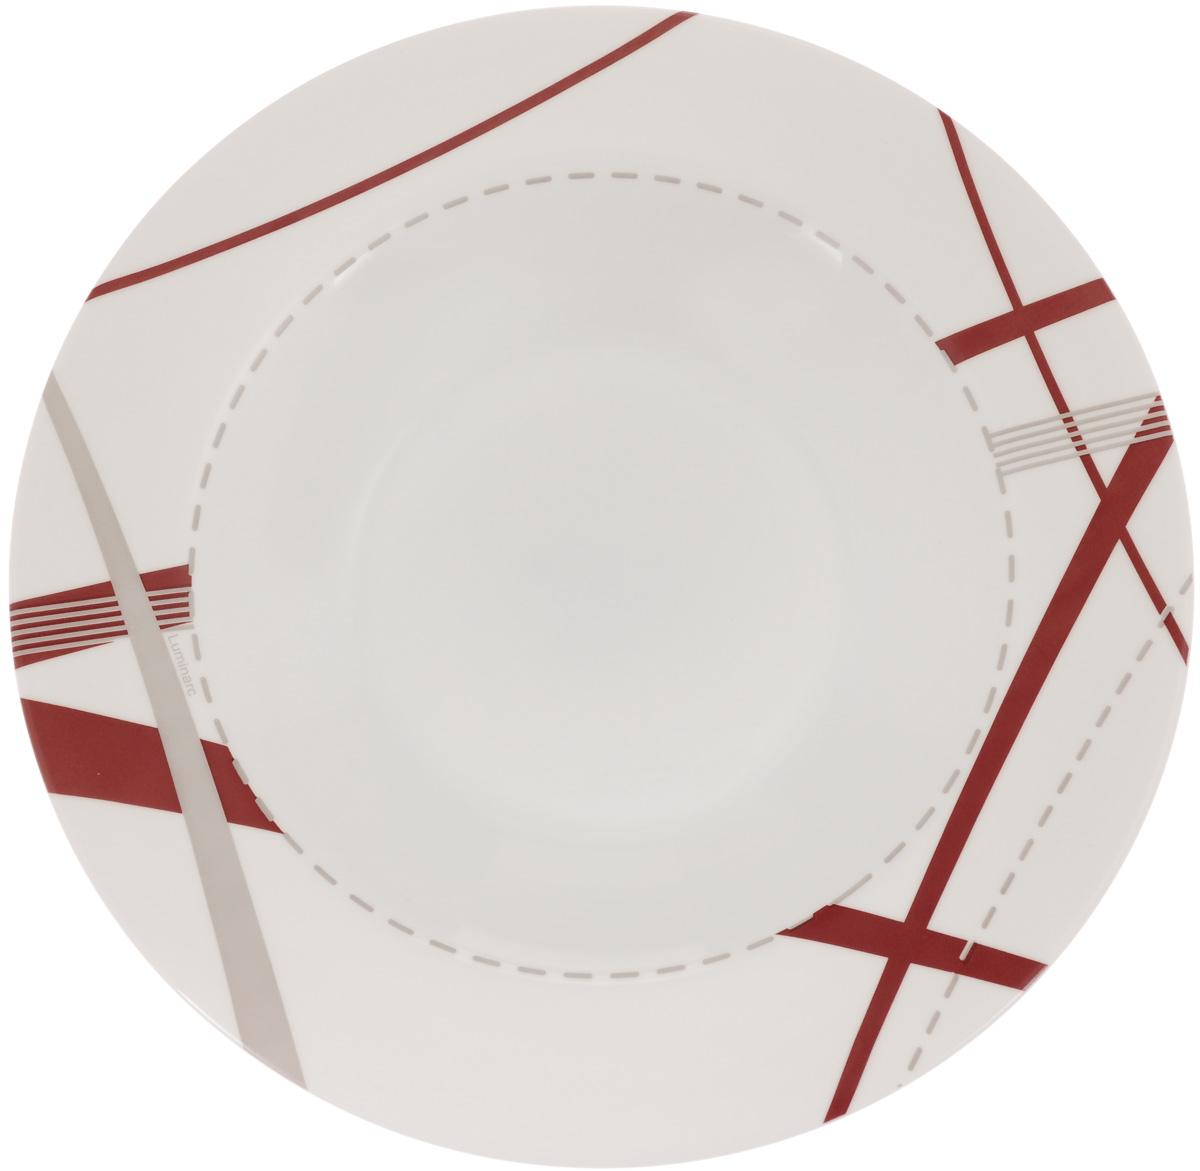 Тарелка глубокая Luminarc Couture, 23 х 23 смJ2397Глубокая тарелка Luminarc Couture выполнена из ударопрочного стекла и оформлена рисунком. Изделие сочетает в себе изысканный дизайн с максимальной функциональностью. Она прекрасно впишется в интерьер вашей кухни и станет достойным дополнением к кухонному инвентарю. Тарелка Luminarc Couture подчеркнет прекрасный вкус хозяйки и станет отличным подарком. Размер (по верхнему краю): 23 х 23 см.